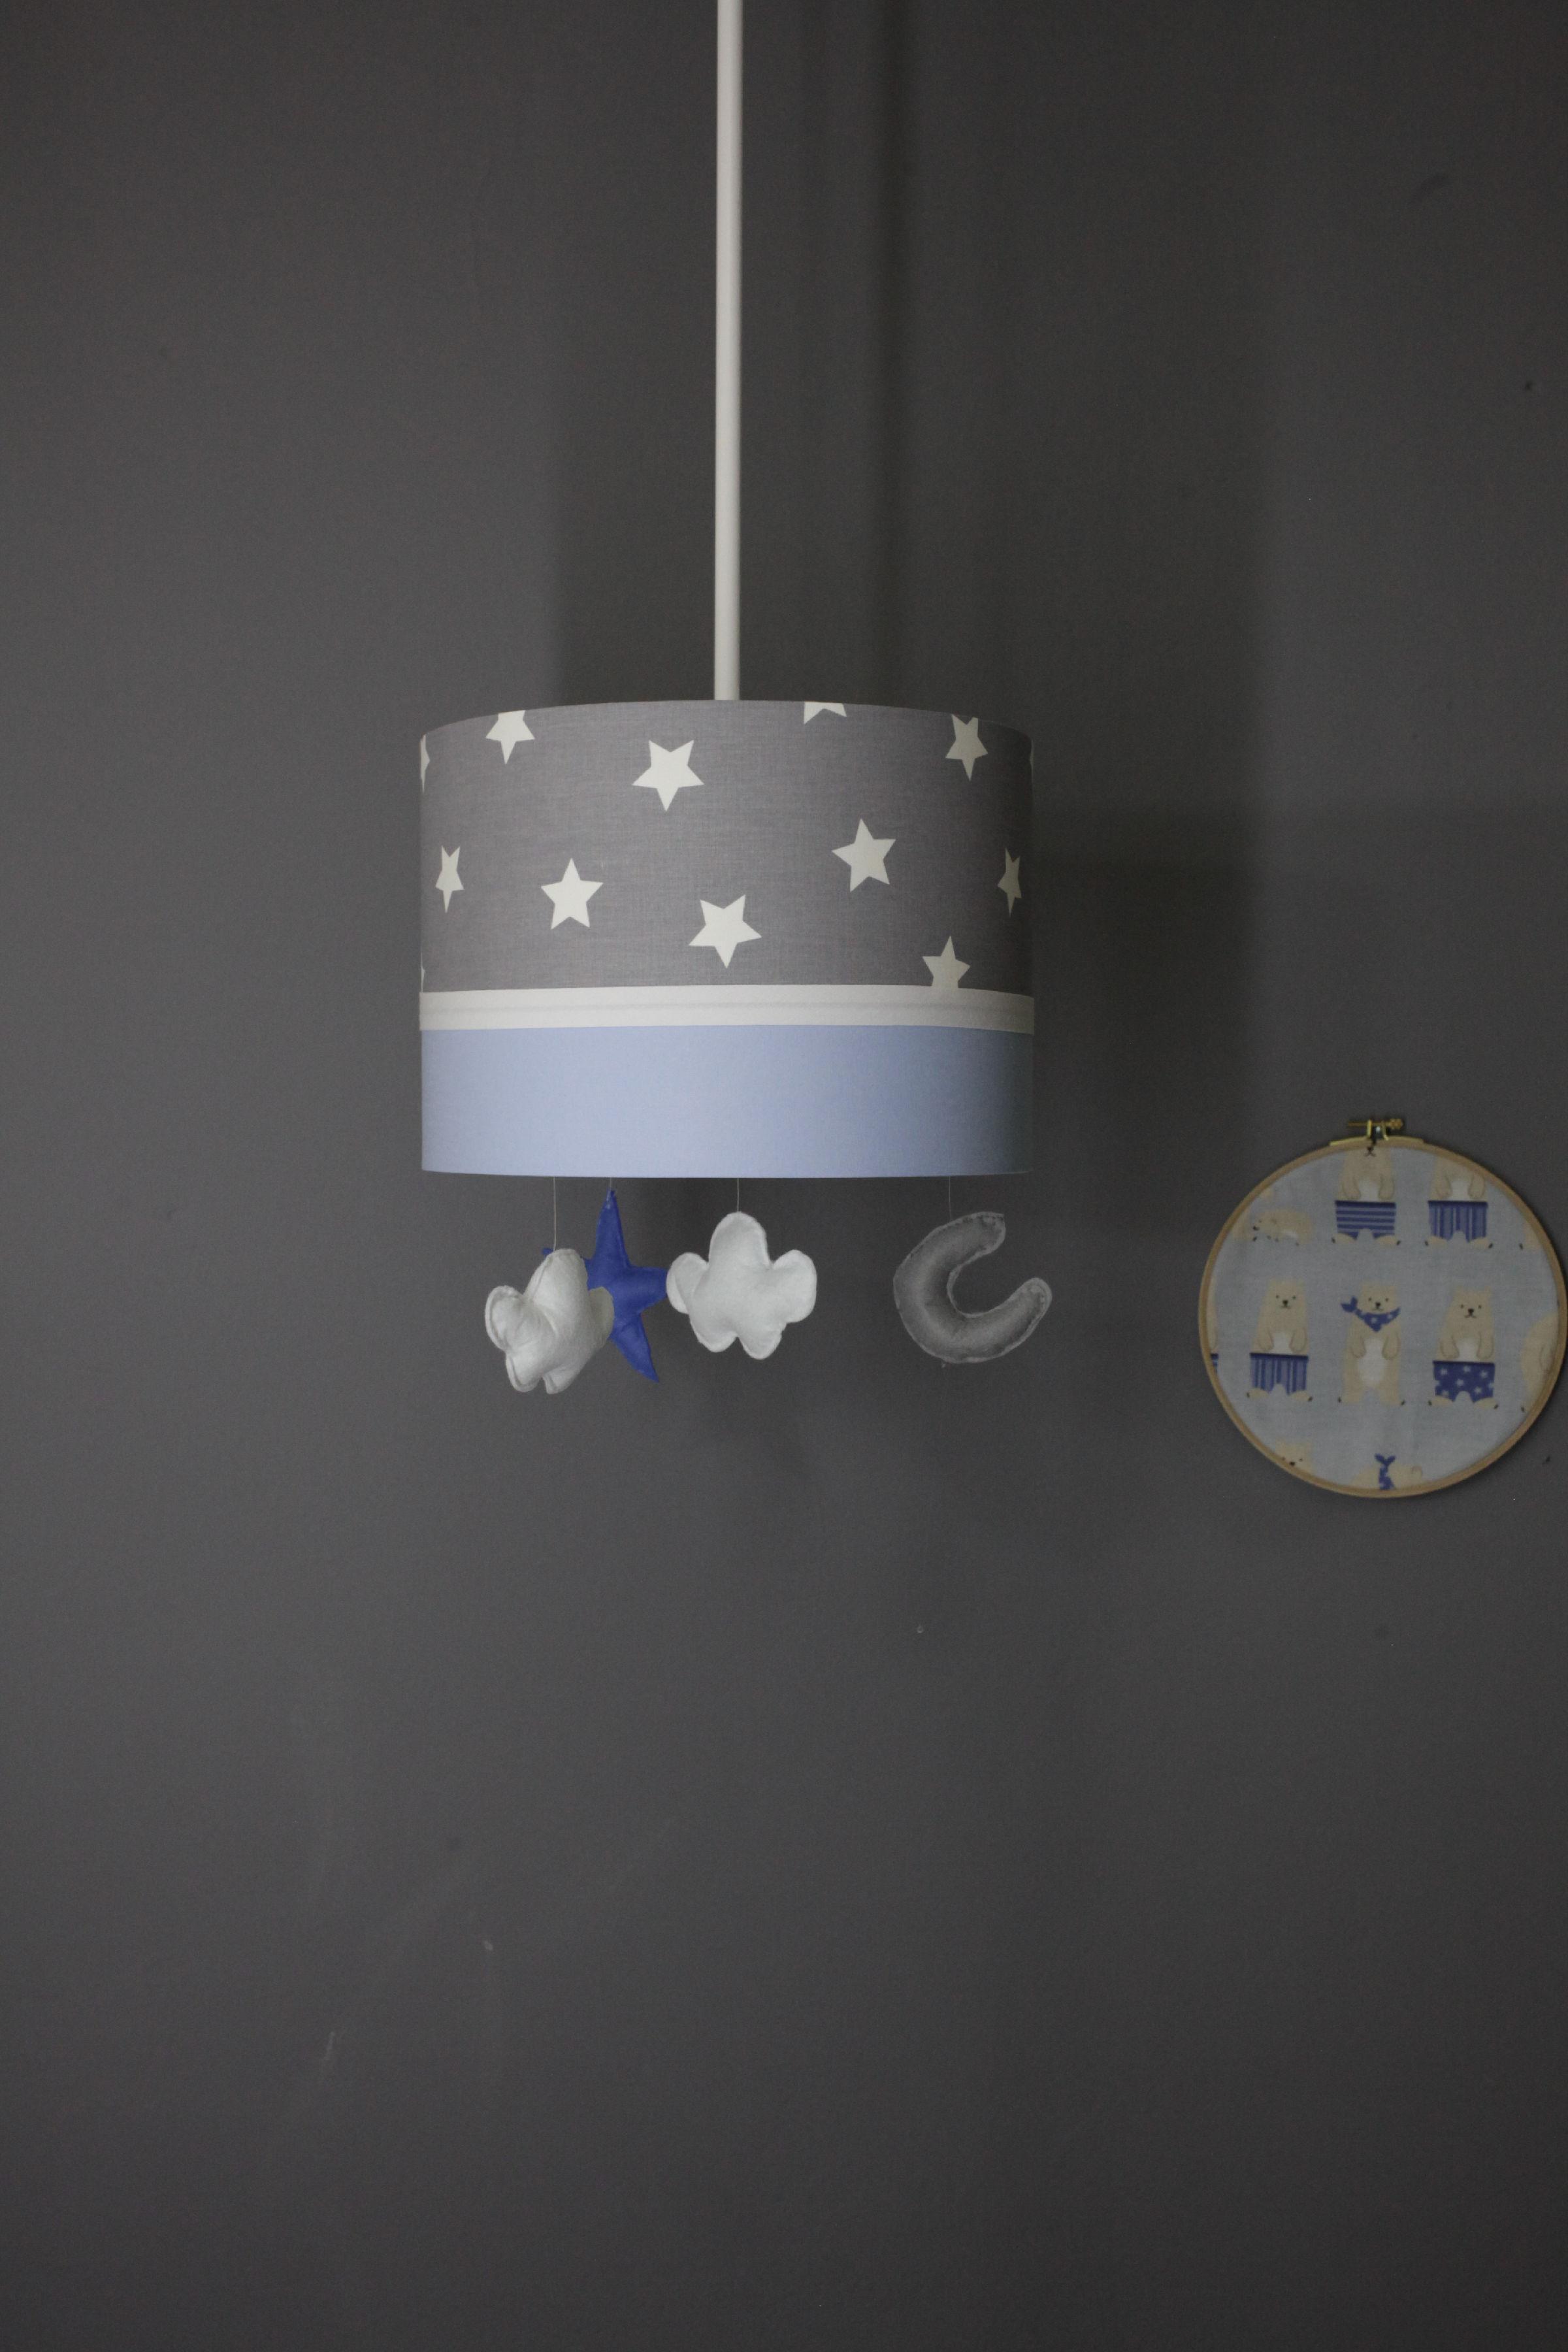 نجمة نمط غرفة الأطفال غرفة الطفل الثريا ضوء أنيق تصميم الطفل غرفة الاطفال الإضاءة 2020 تصميم كامل ورأى زخرفة